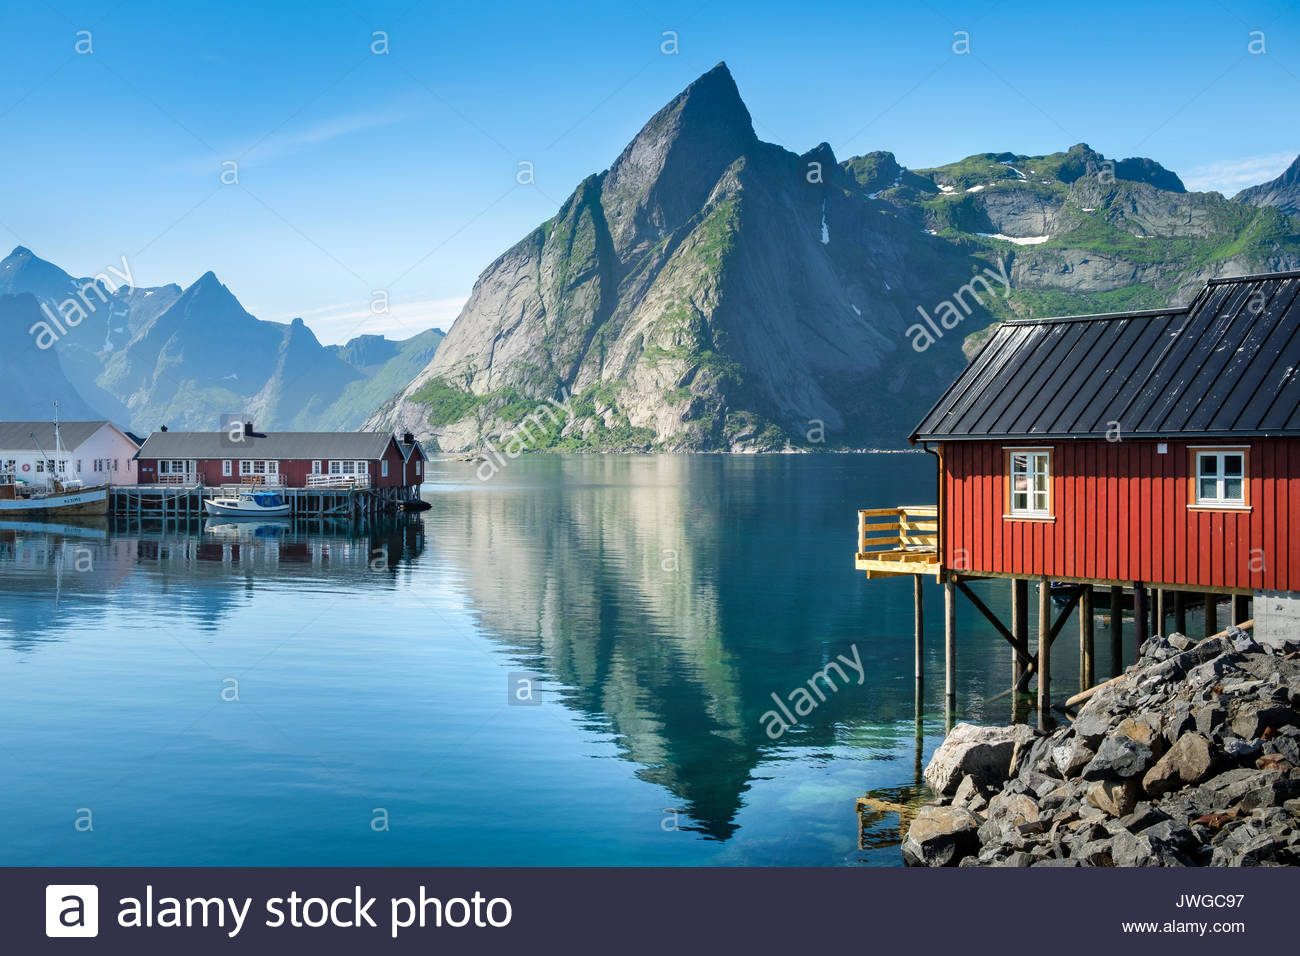 Vista panorámica desde la aldea idílica con montañas a brillante día de verano en Hamnoy, Lofoten, Noruega Imagen De Stock